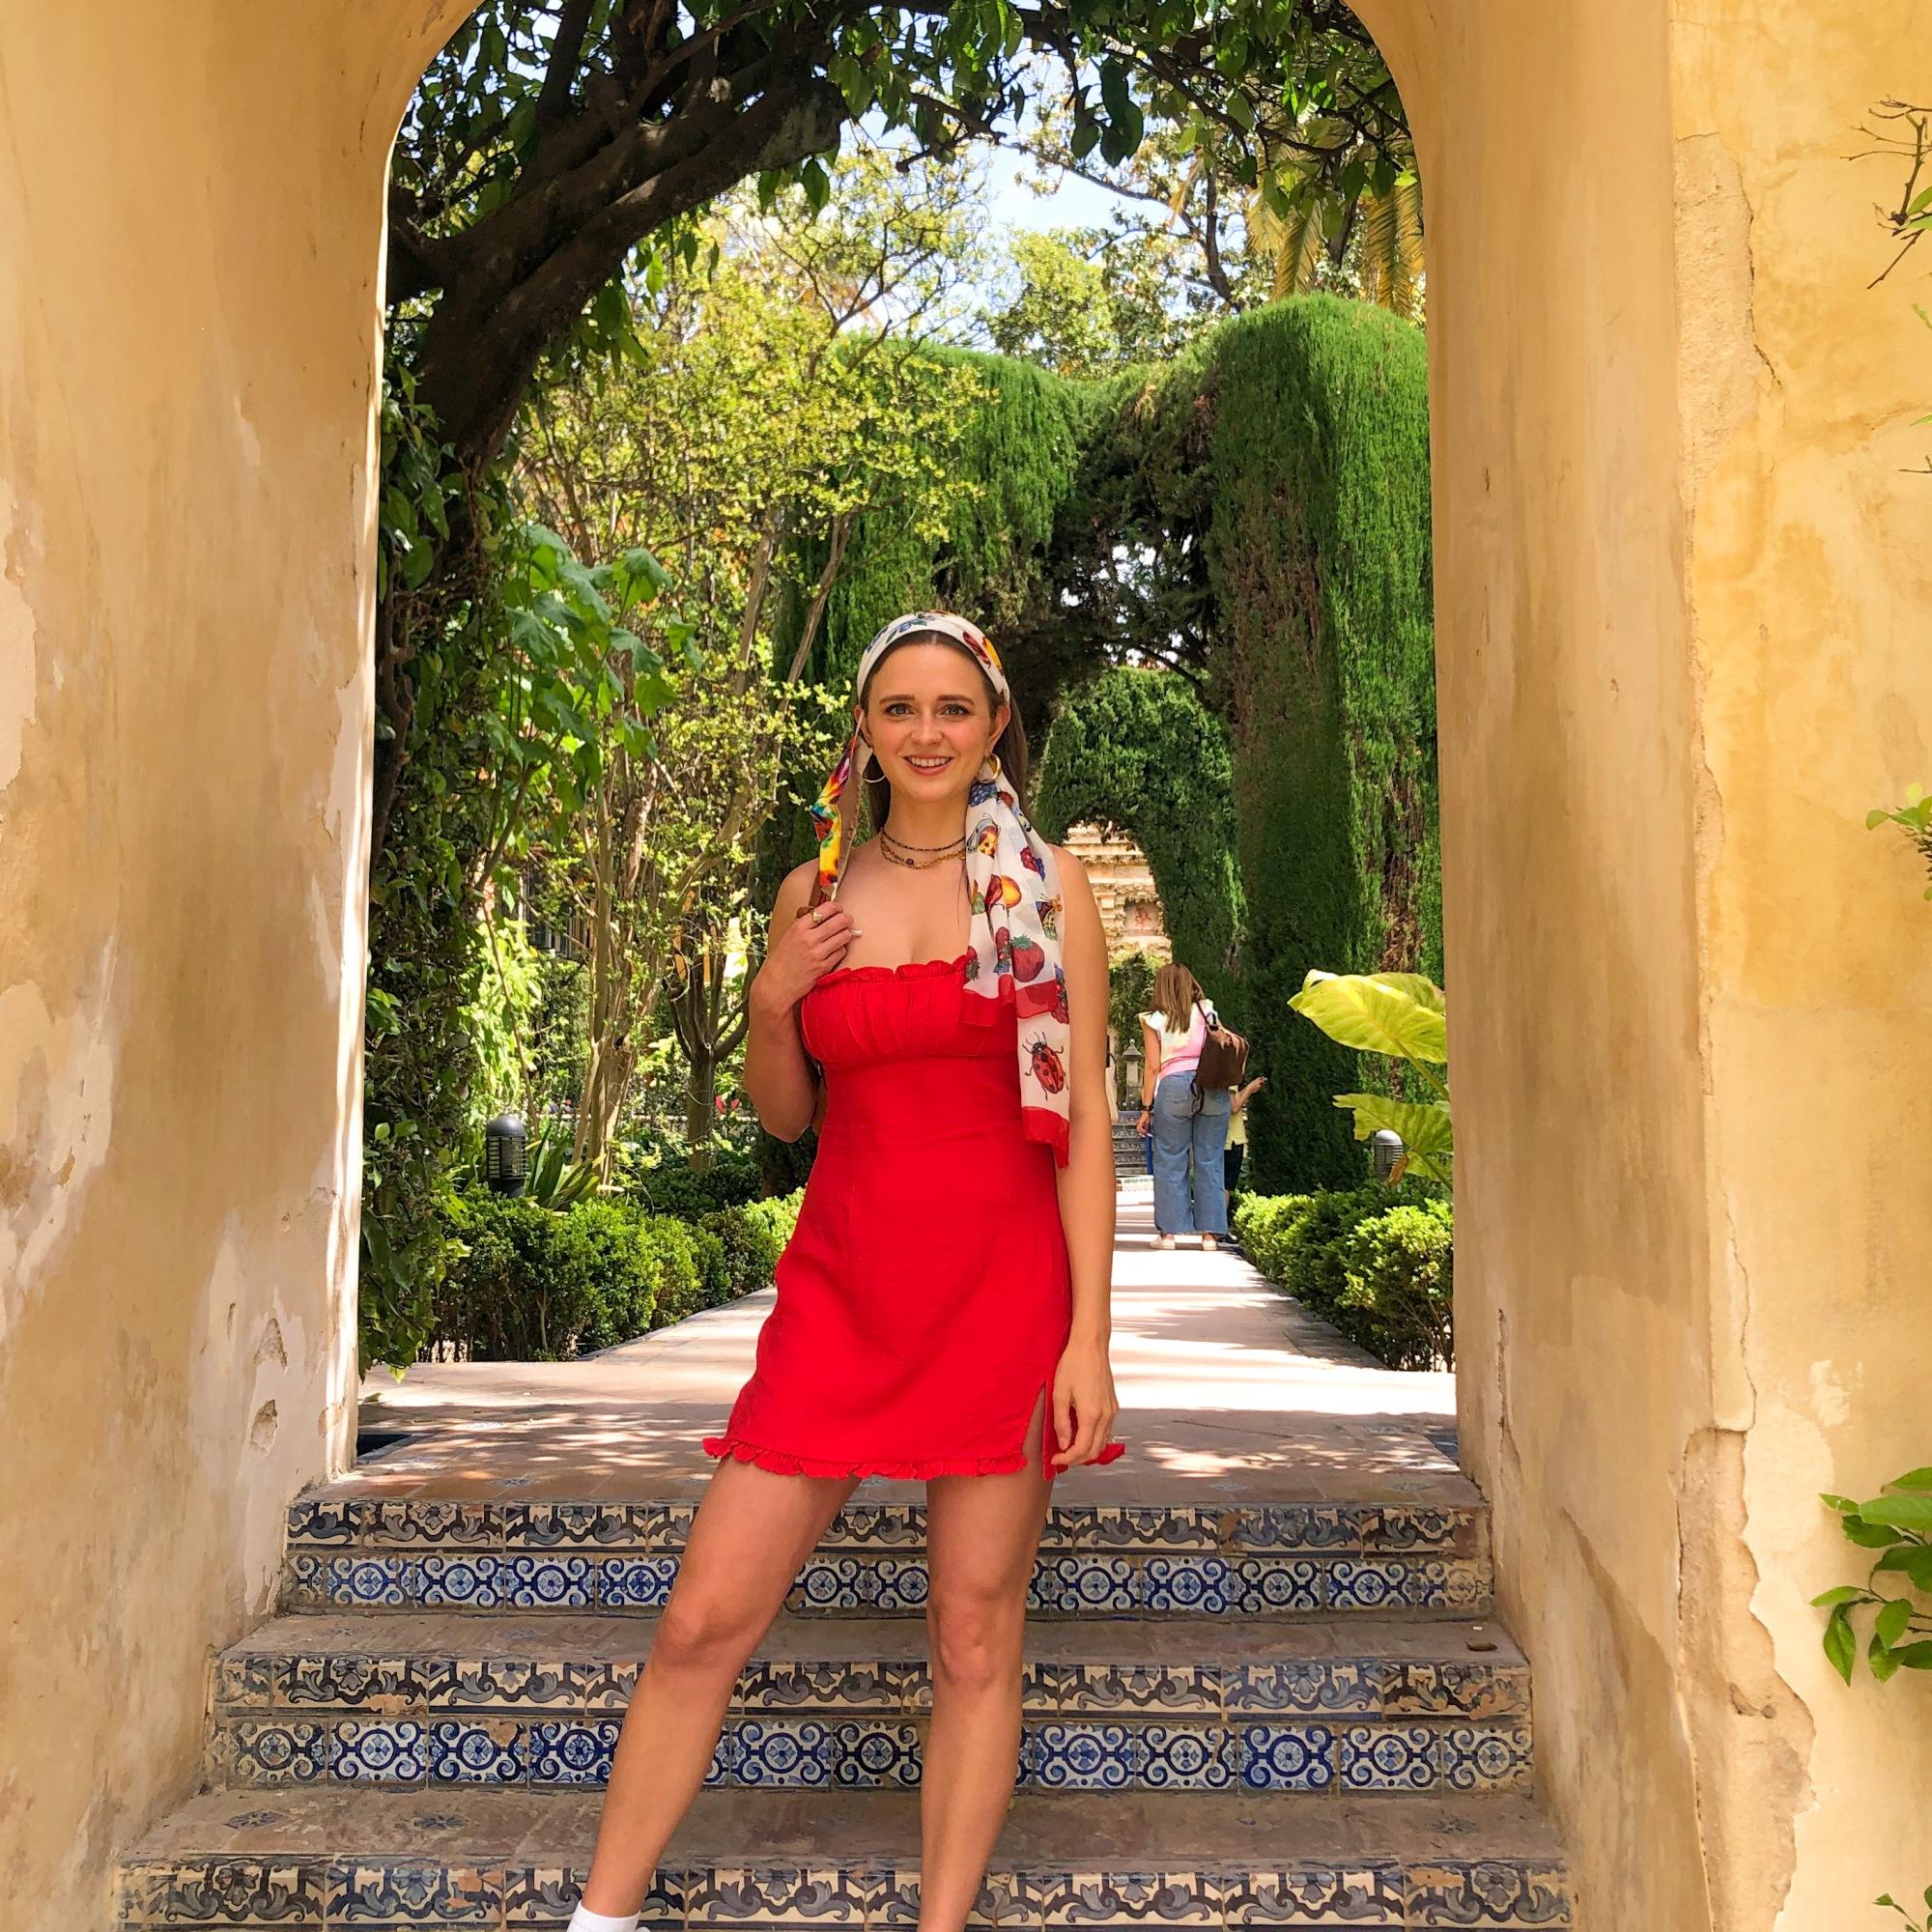 Standing under an arch in the Alcazar garden